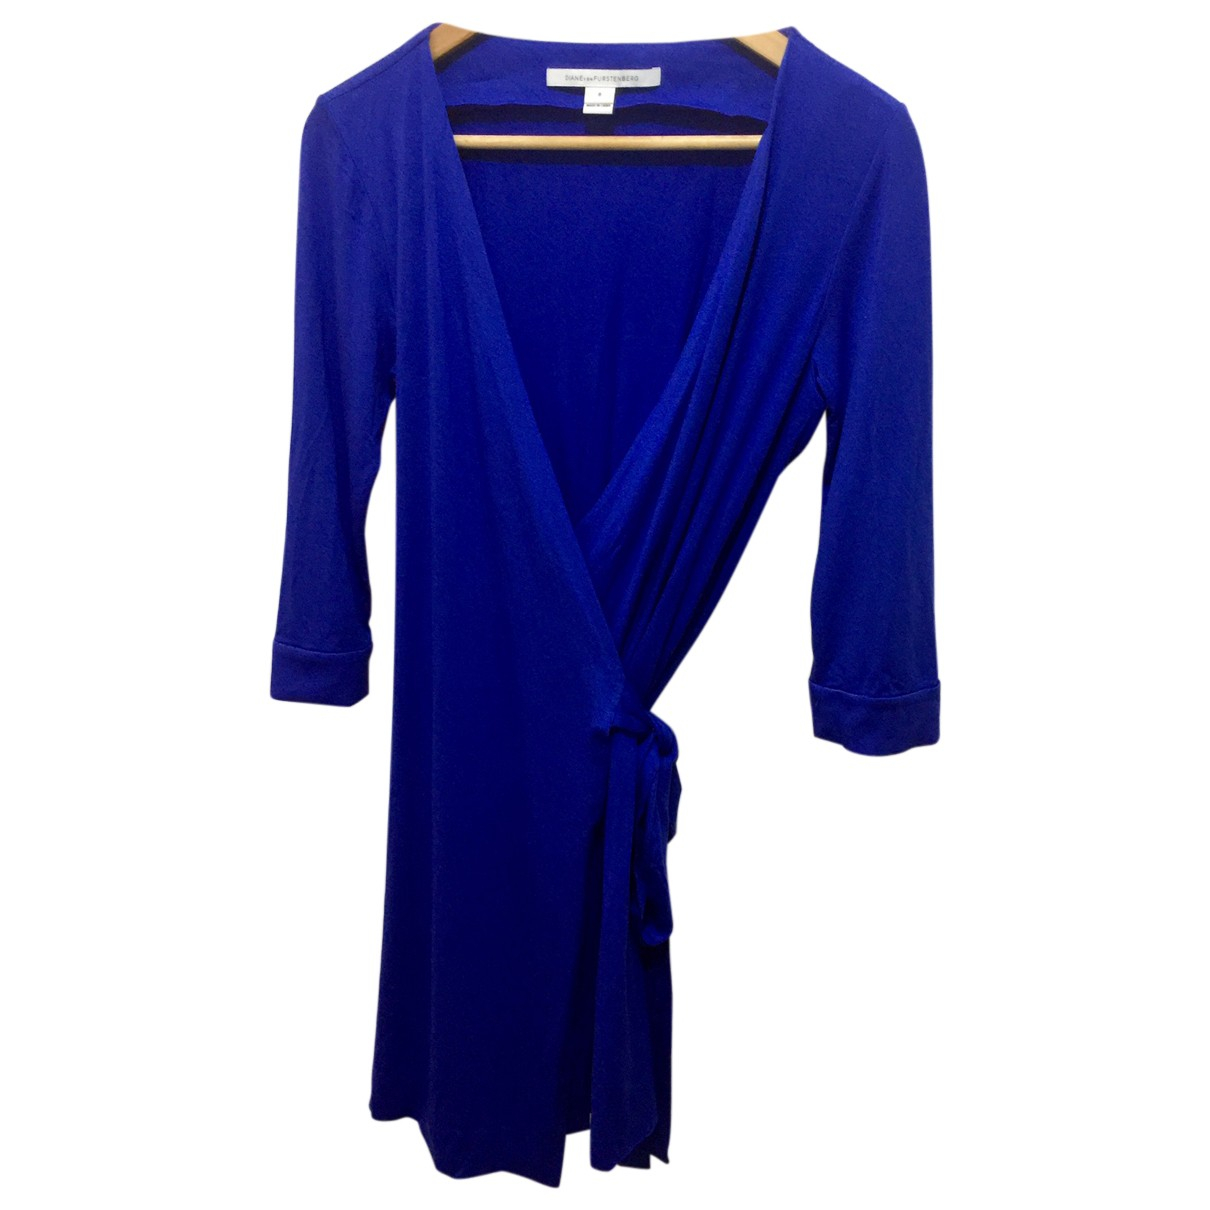 Diane Von Furstenberg \N Blue dress for Women 8 US